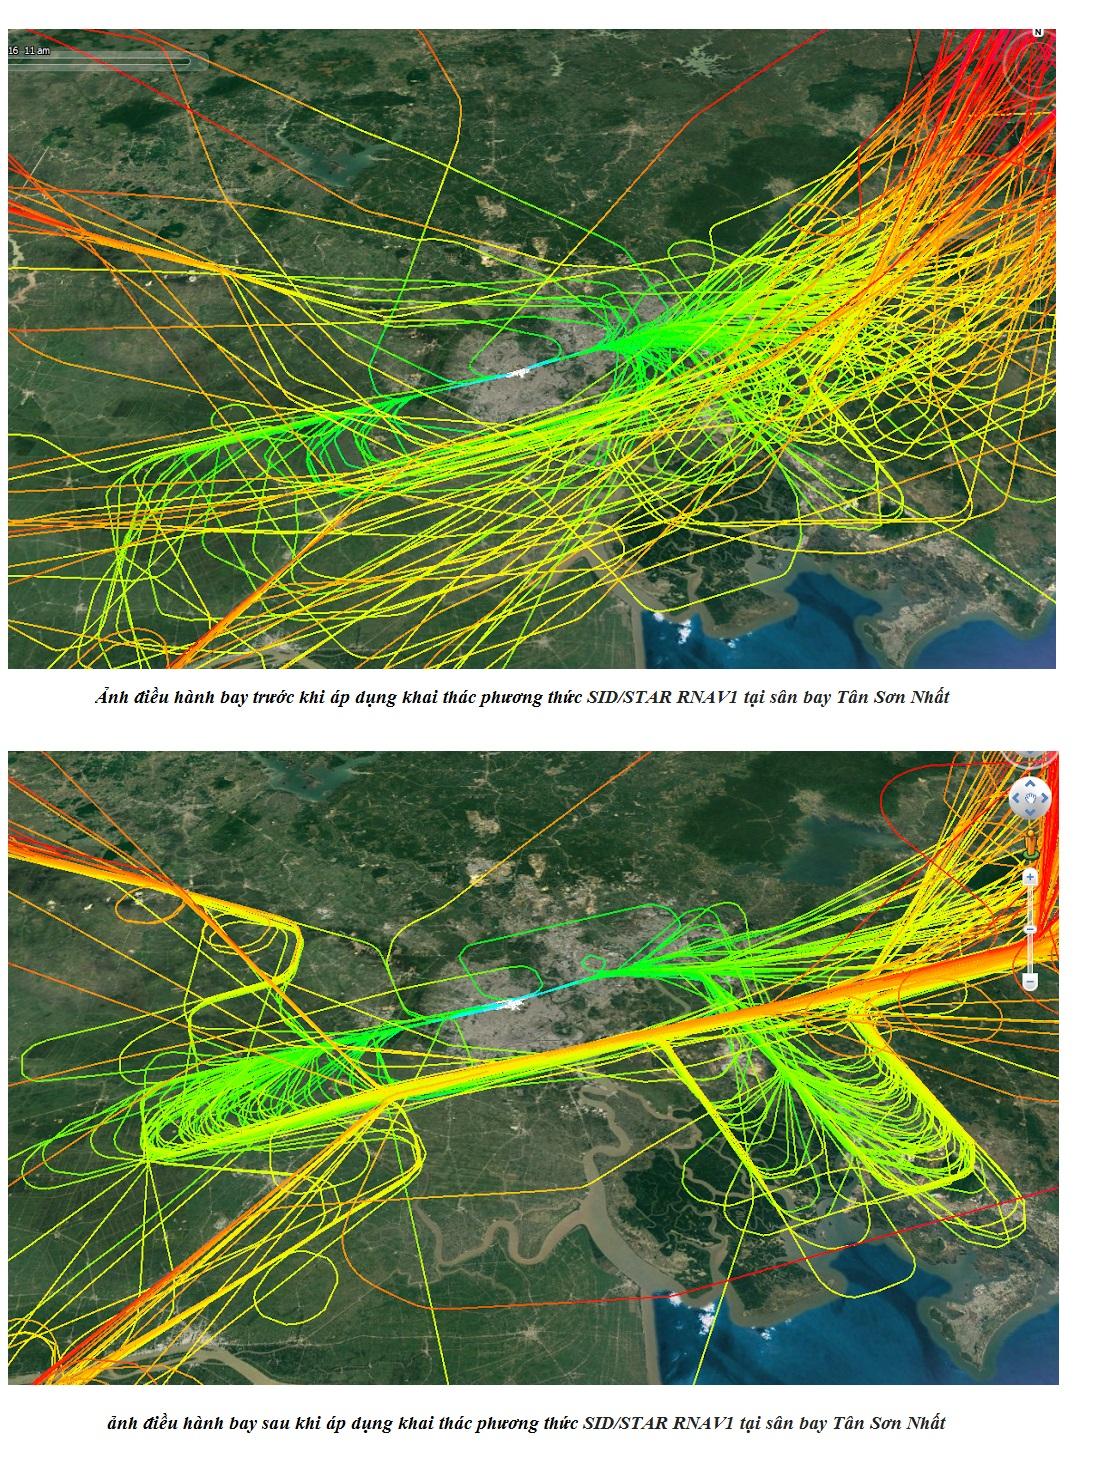 Hiệu quả, lợi ích sau khi đưa vào khai thác đường hàng không song song trục chính Bắc Nam RNAV5 và phương thức RNAV1 tại Cảng HKQT Tân Sơn Nhất